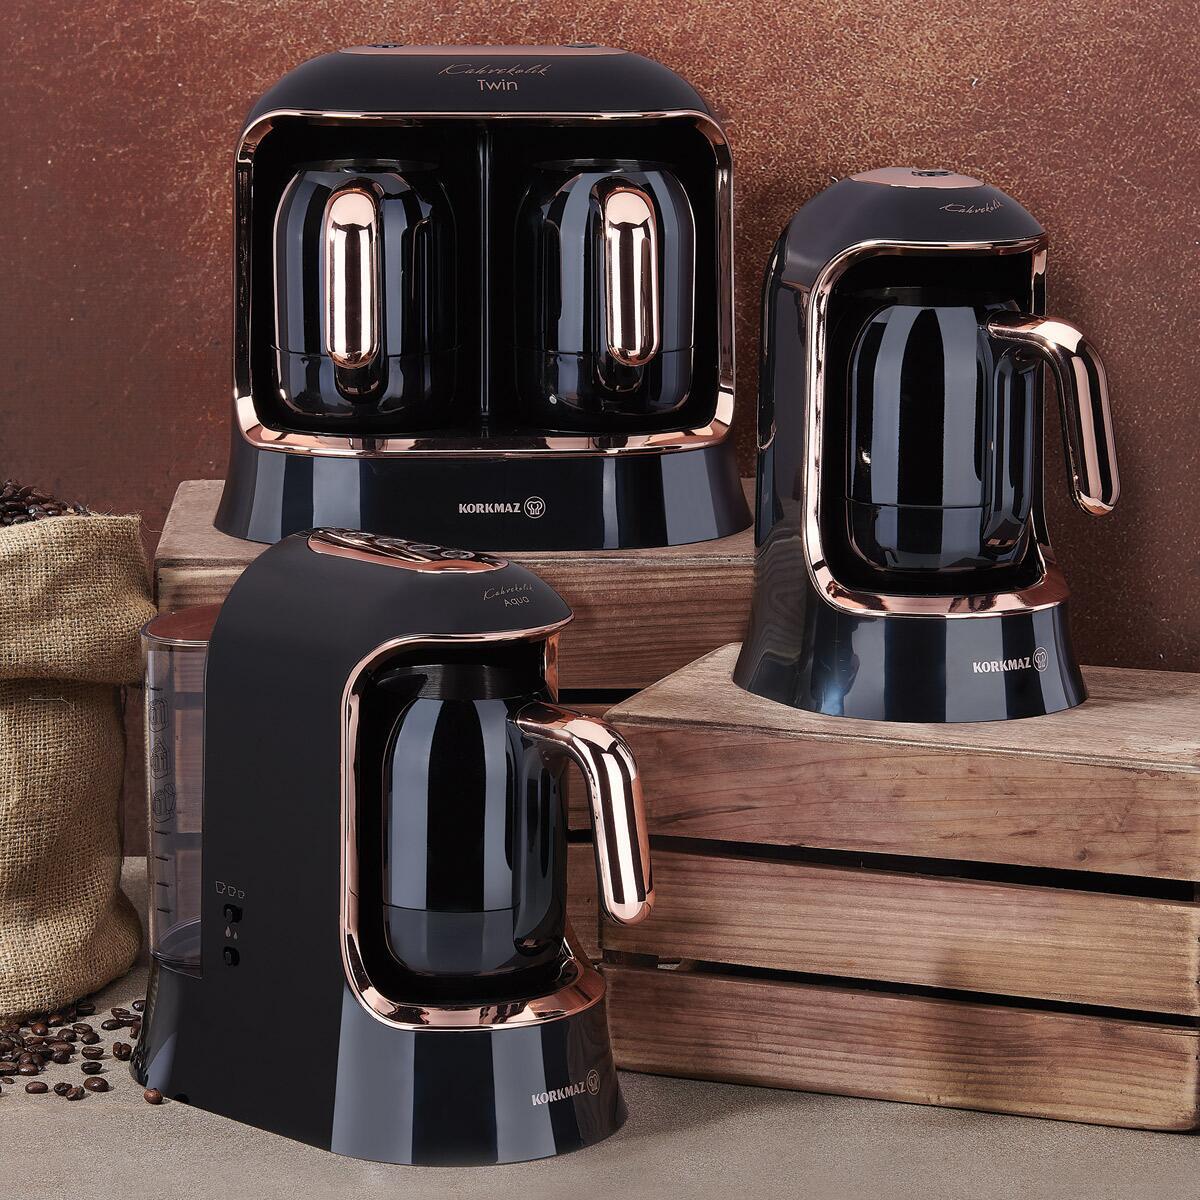 Korkmaz Kahvekolik Deluxe Otomatik Kahve Makinesi Siyah/Rose